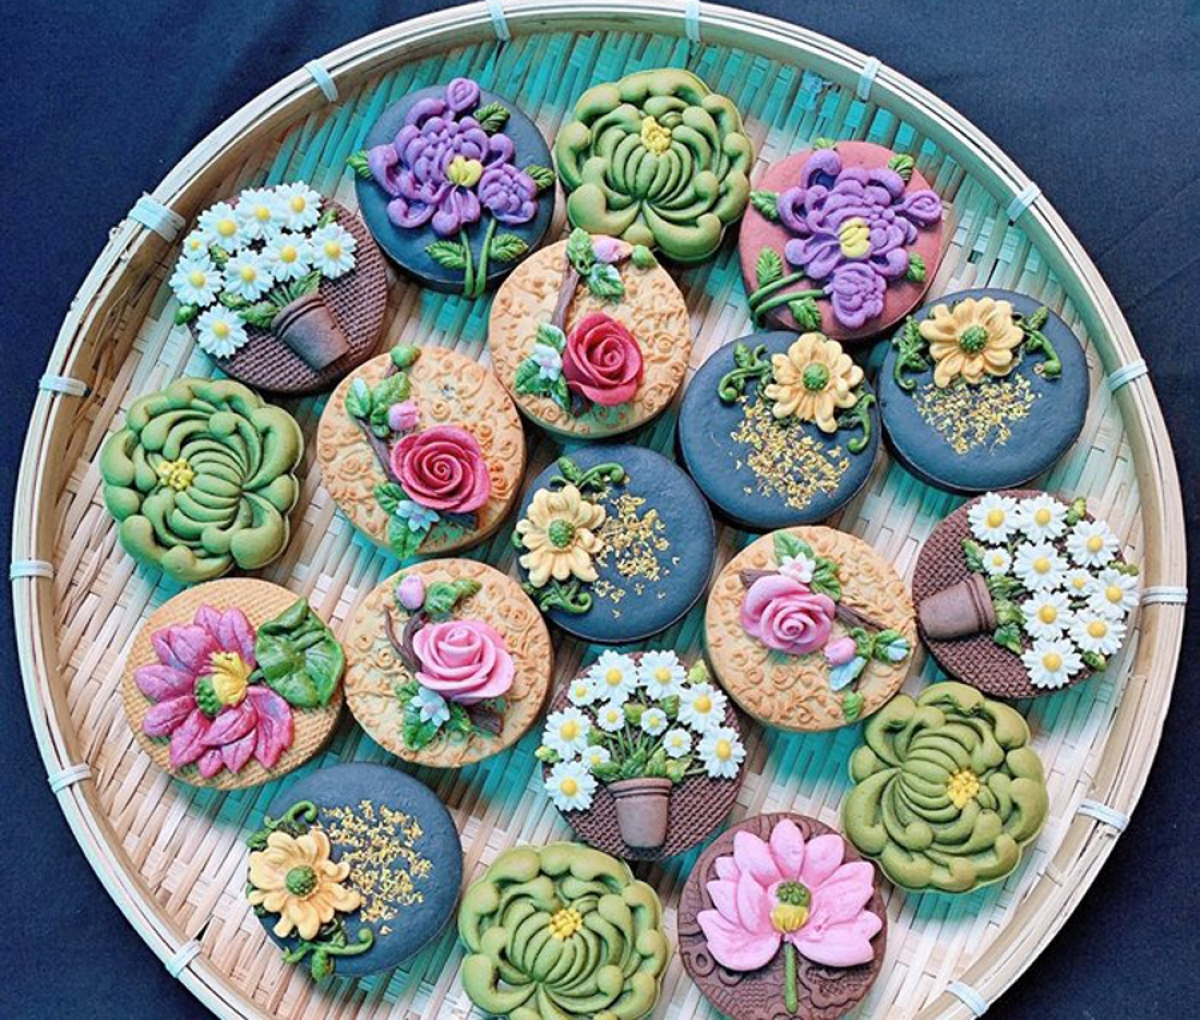 Sự độc đáo, hài hòa và nổi bật trong cách tạo màu, gắn hoa khiến những chiếc bánh này được các chị em nội trợ ưa chuộng.